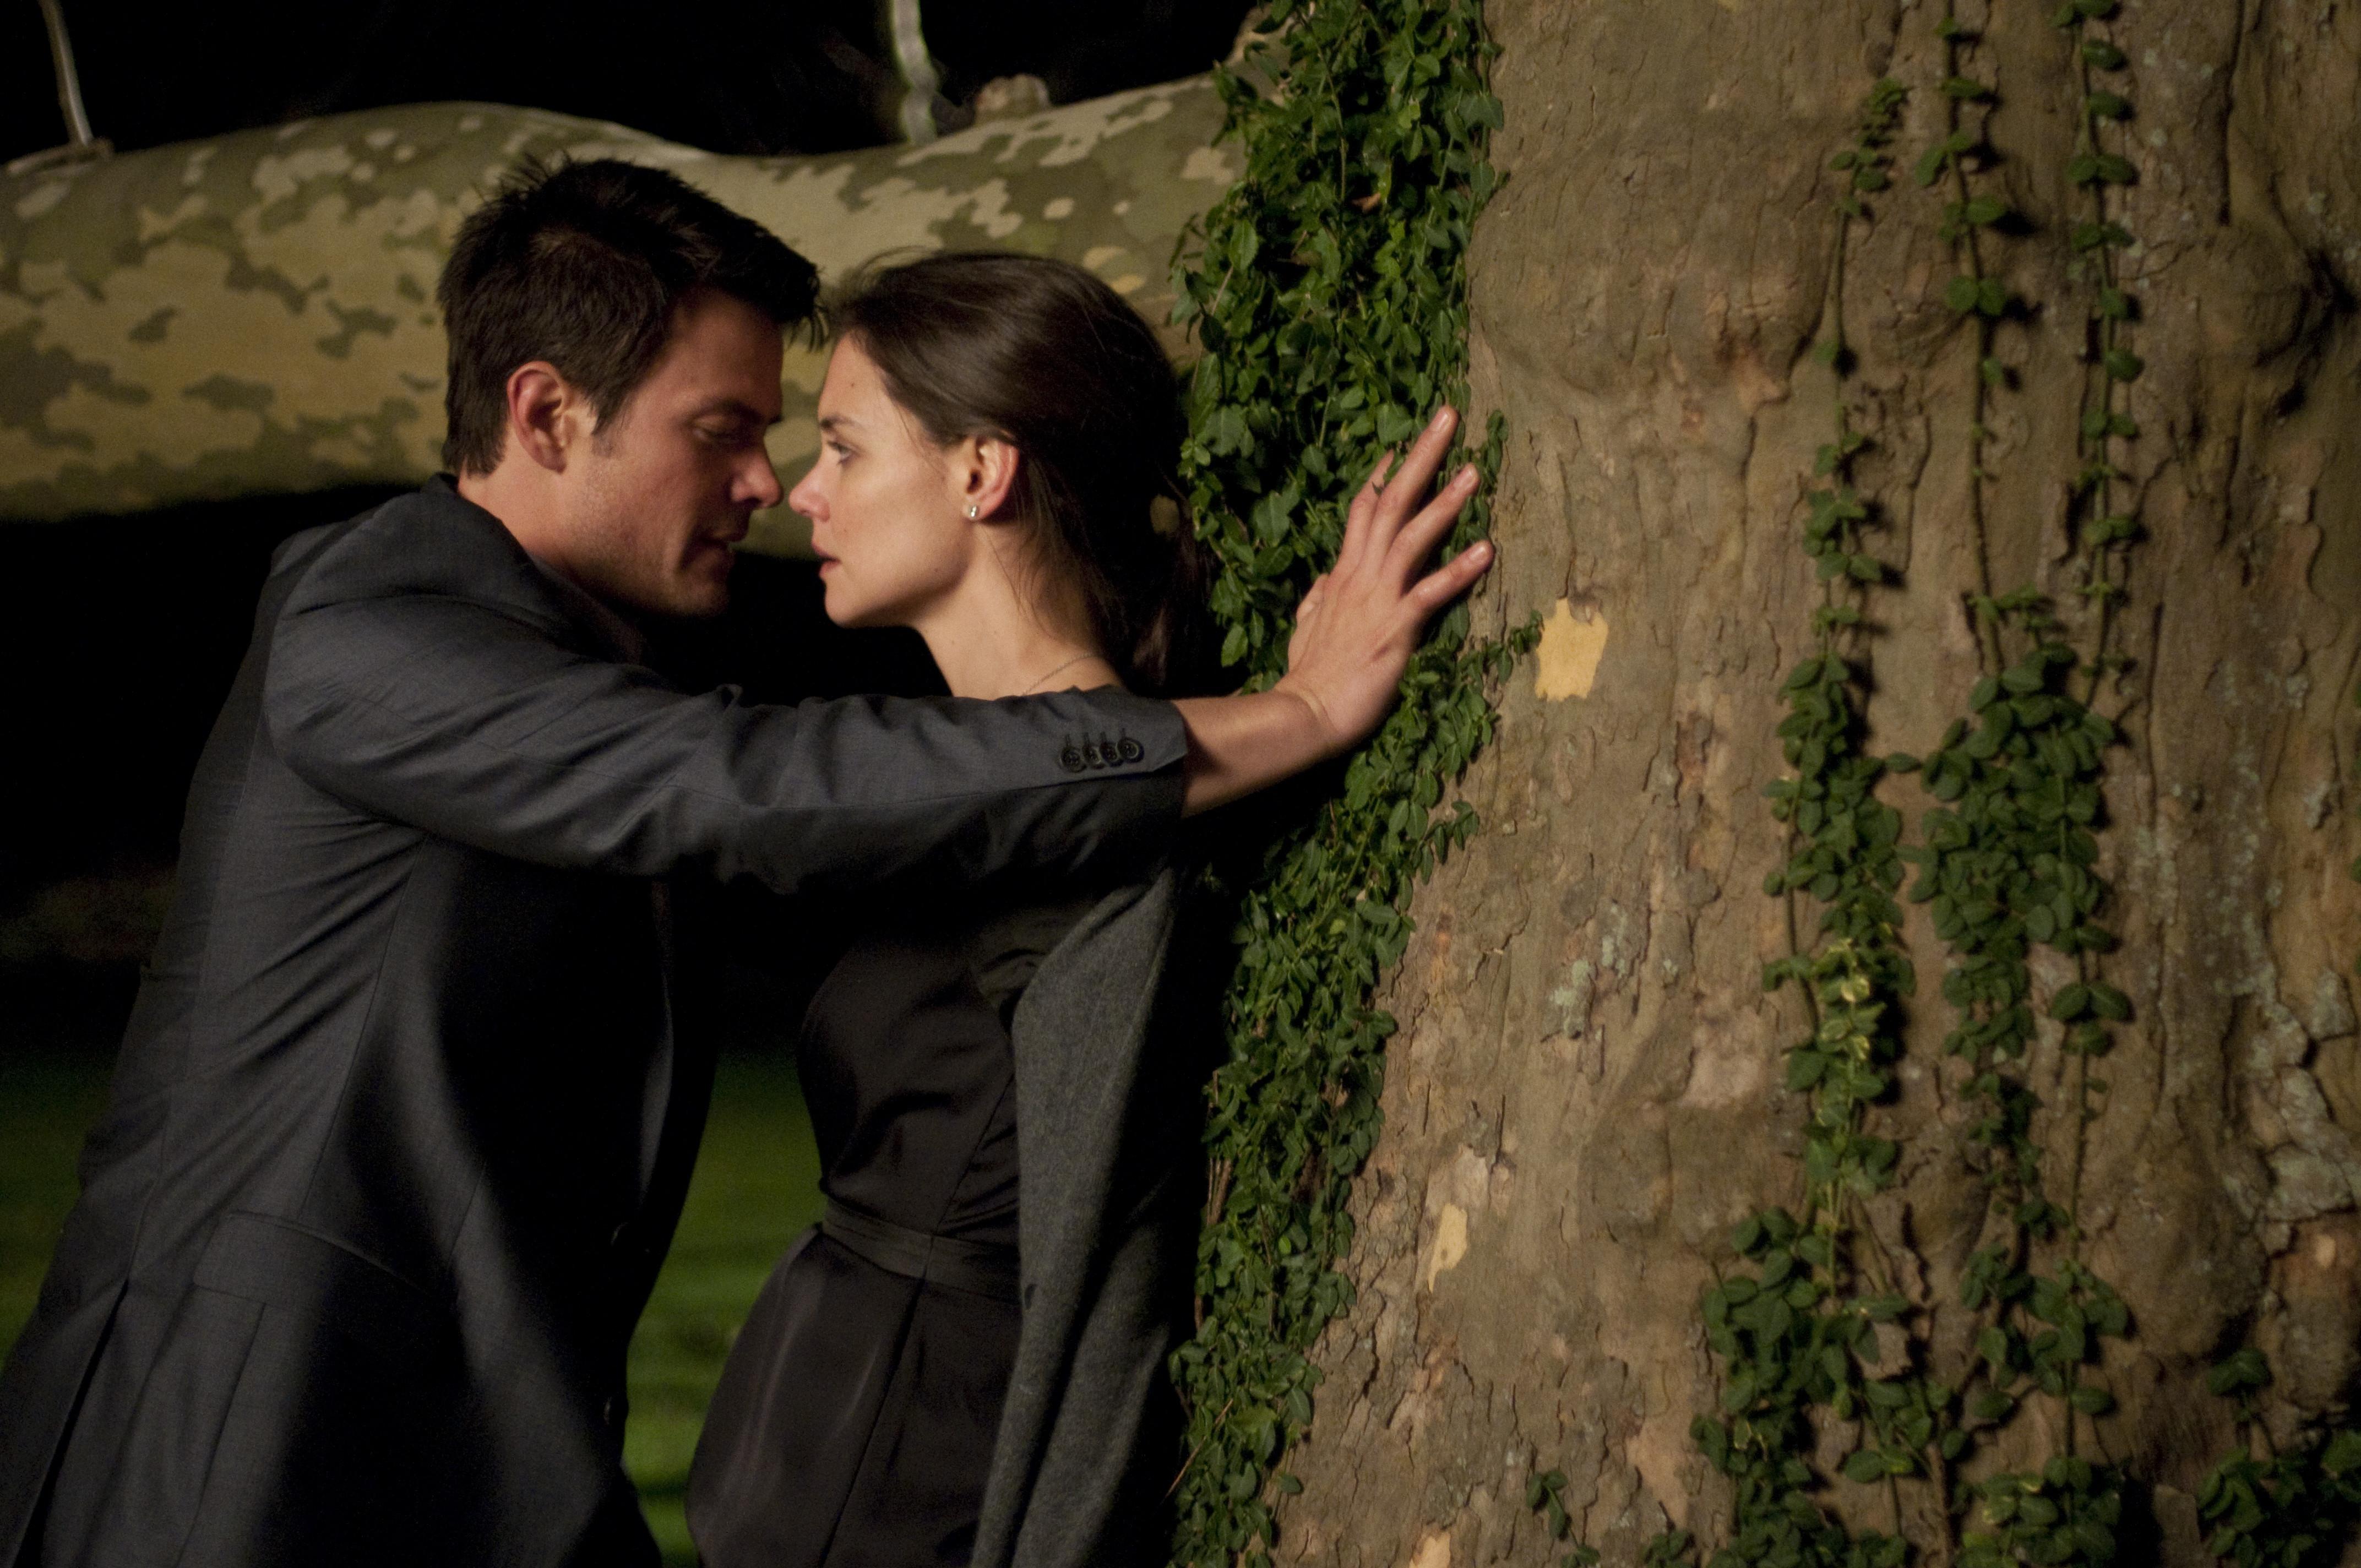 романтики смотреть онлайн бесплатно в хорошем качестве: